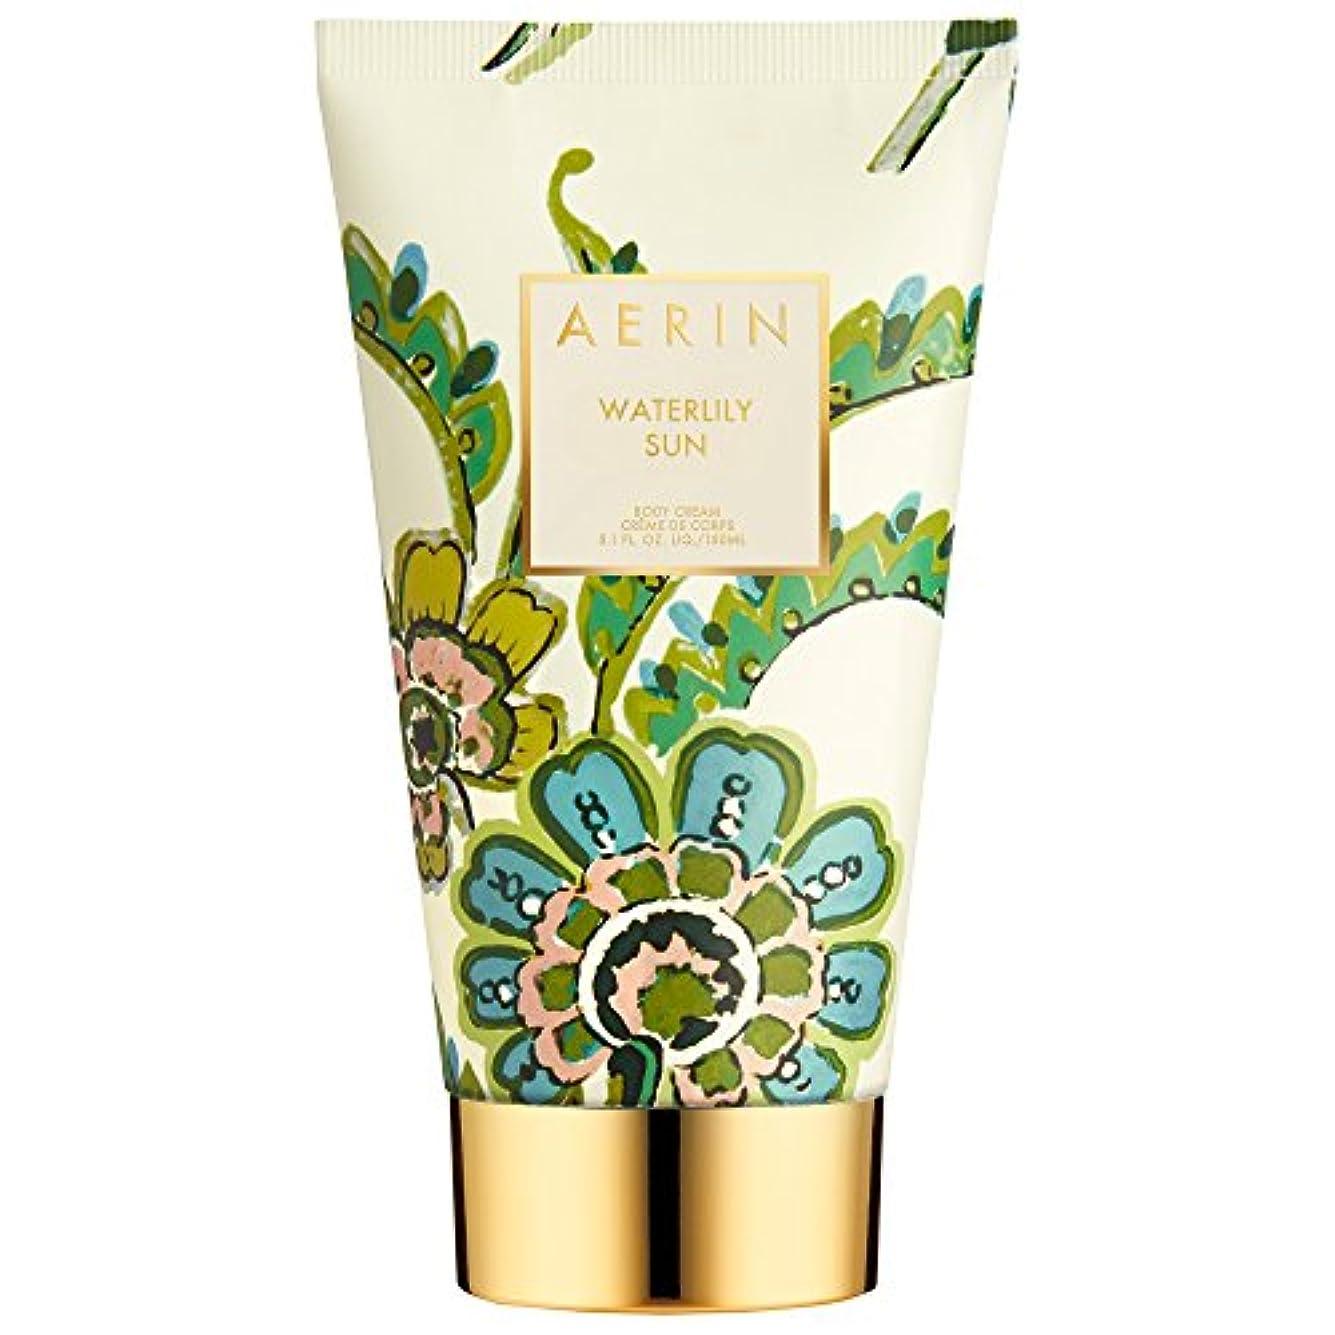 リンケージドリンクアクセルAerinスイレン日ボディクリーム150ミリリットル (AERIN) (x2) - AERIN Waterlily Sun Body Cream 150ml (Pack of 2) [並行輸入品]